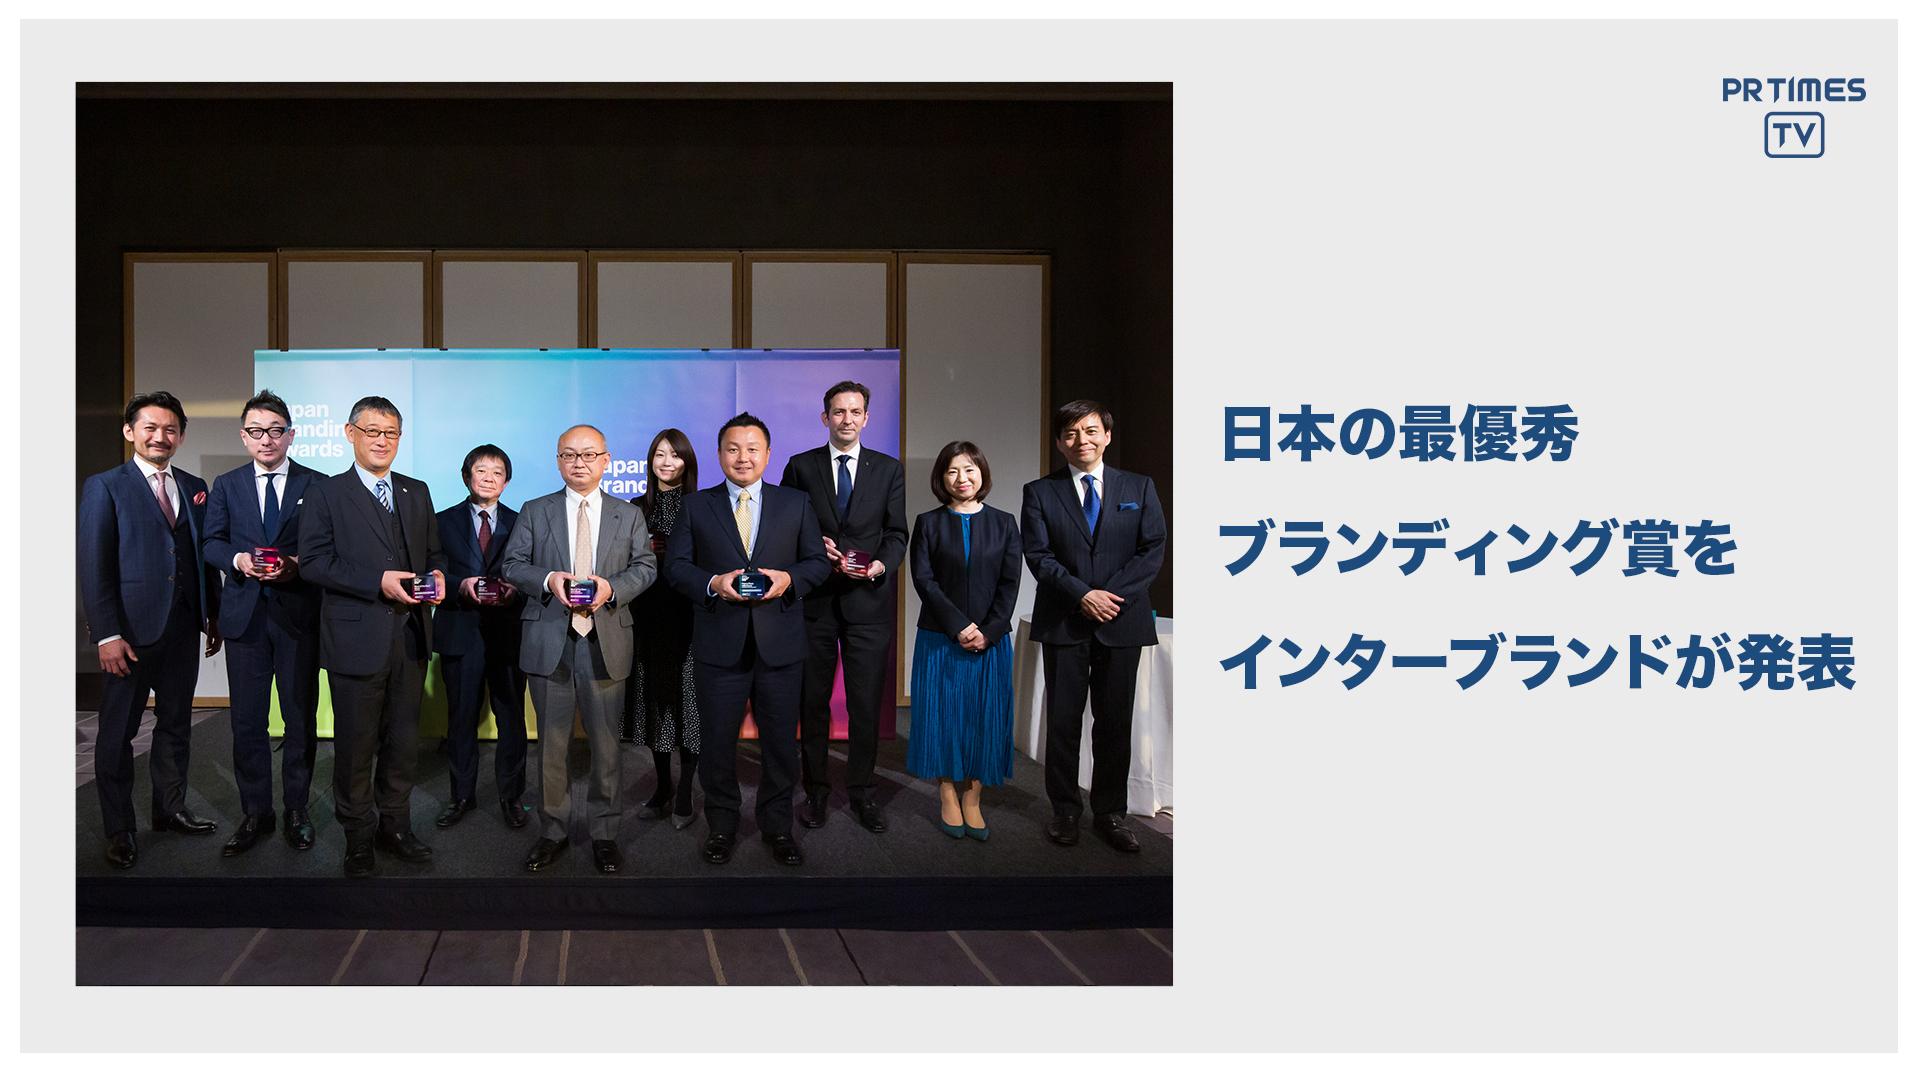 """インターブランドジャパン、「ブランディング」を評価する日本初のアワード """"Japan Branding Awards 2020""""の受賞ブランドを発表"""